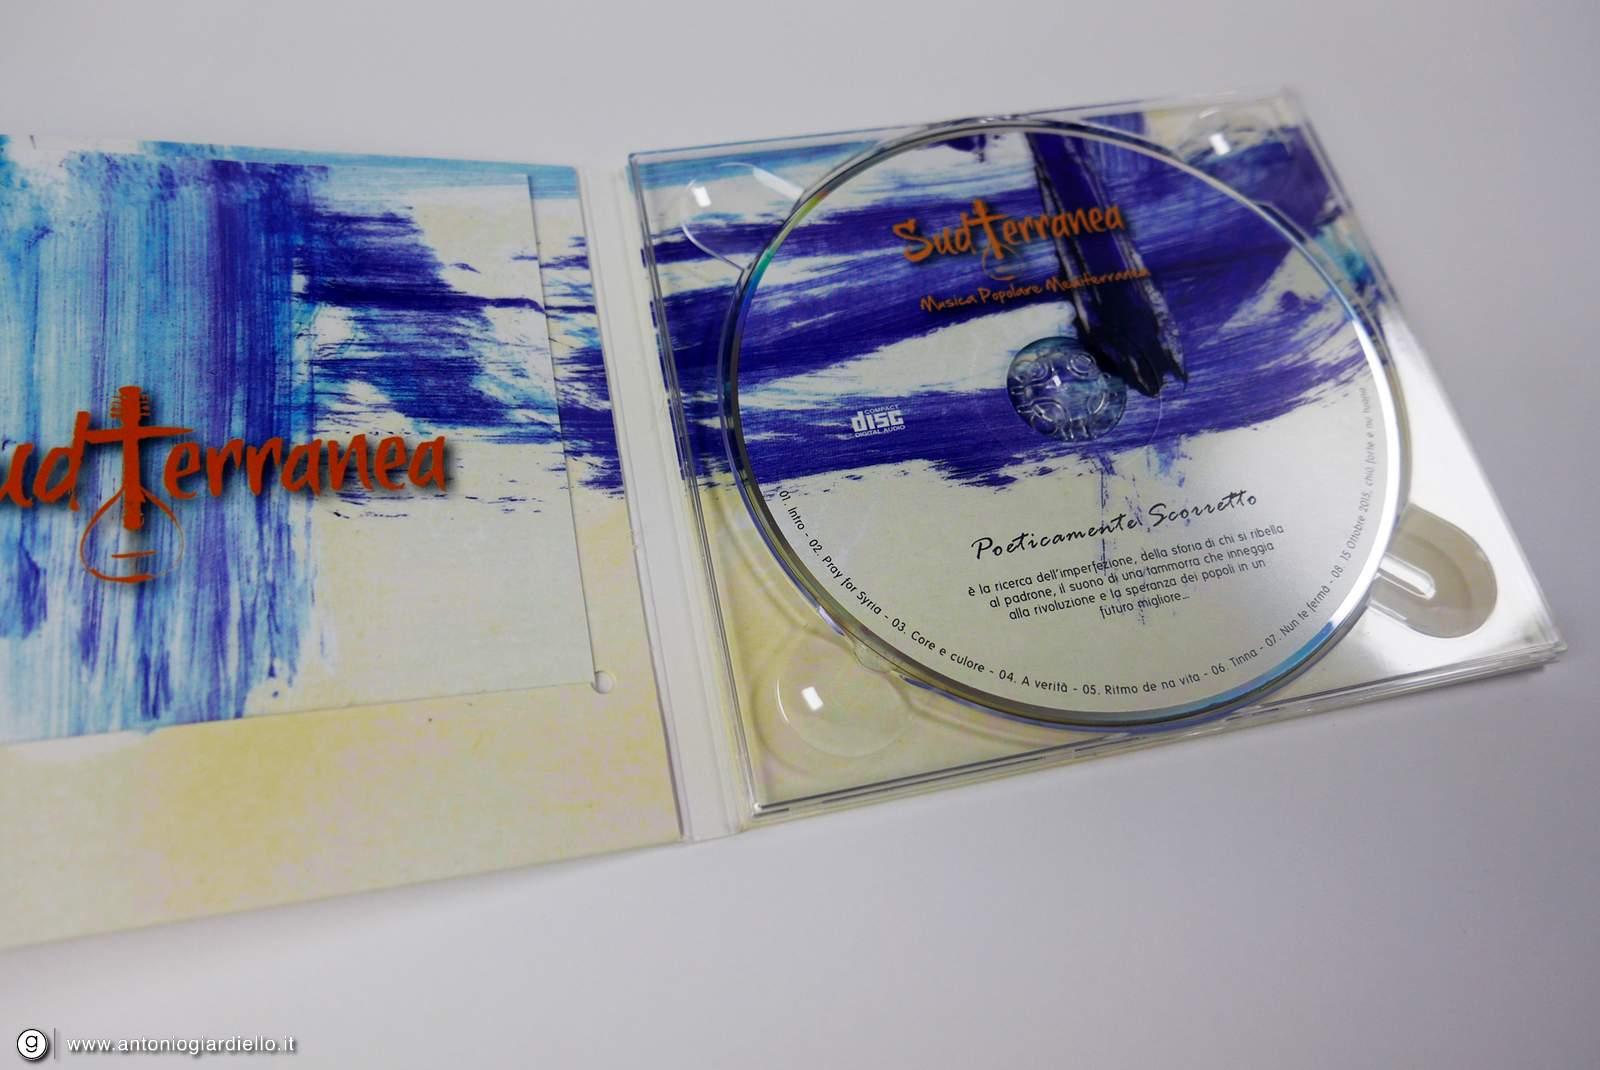 progettazione grafica album musicale poeticamente scorretto dei sudterranea12.jpg